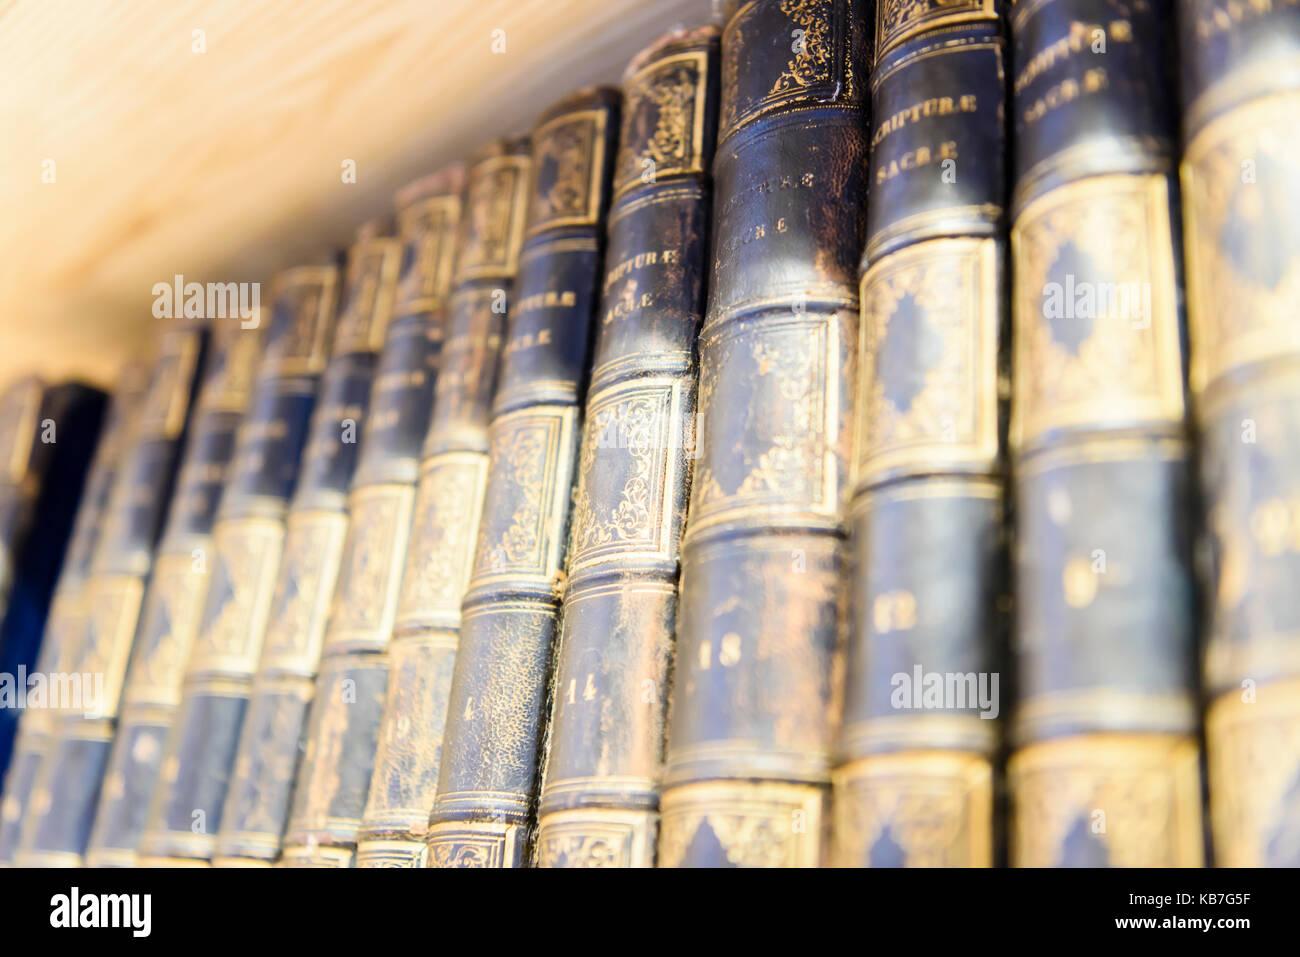 Vecchio Irish teologia dei libri in una biblioteca specializzata in storia irlandese. Immagini Stock